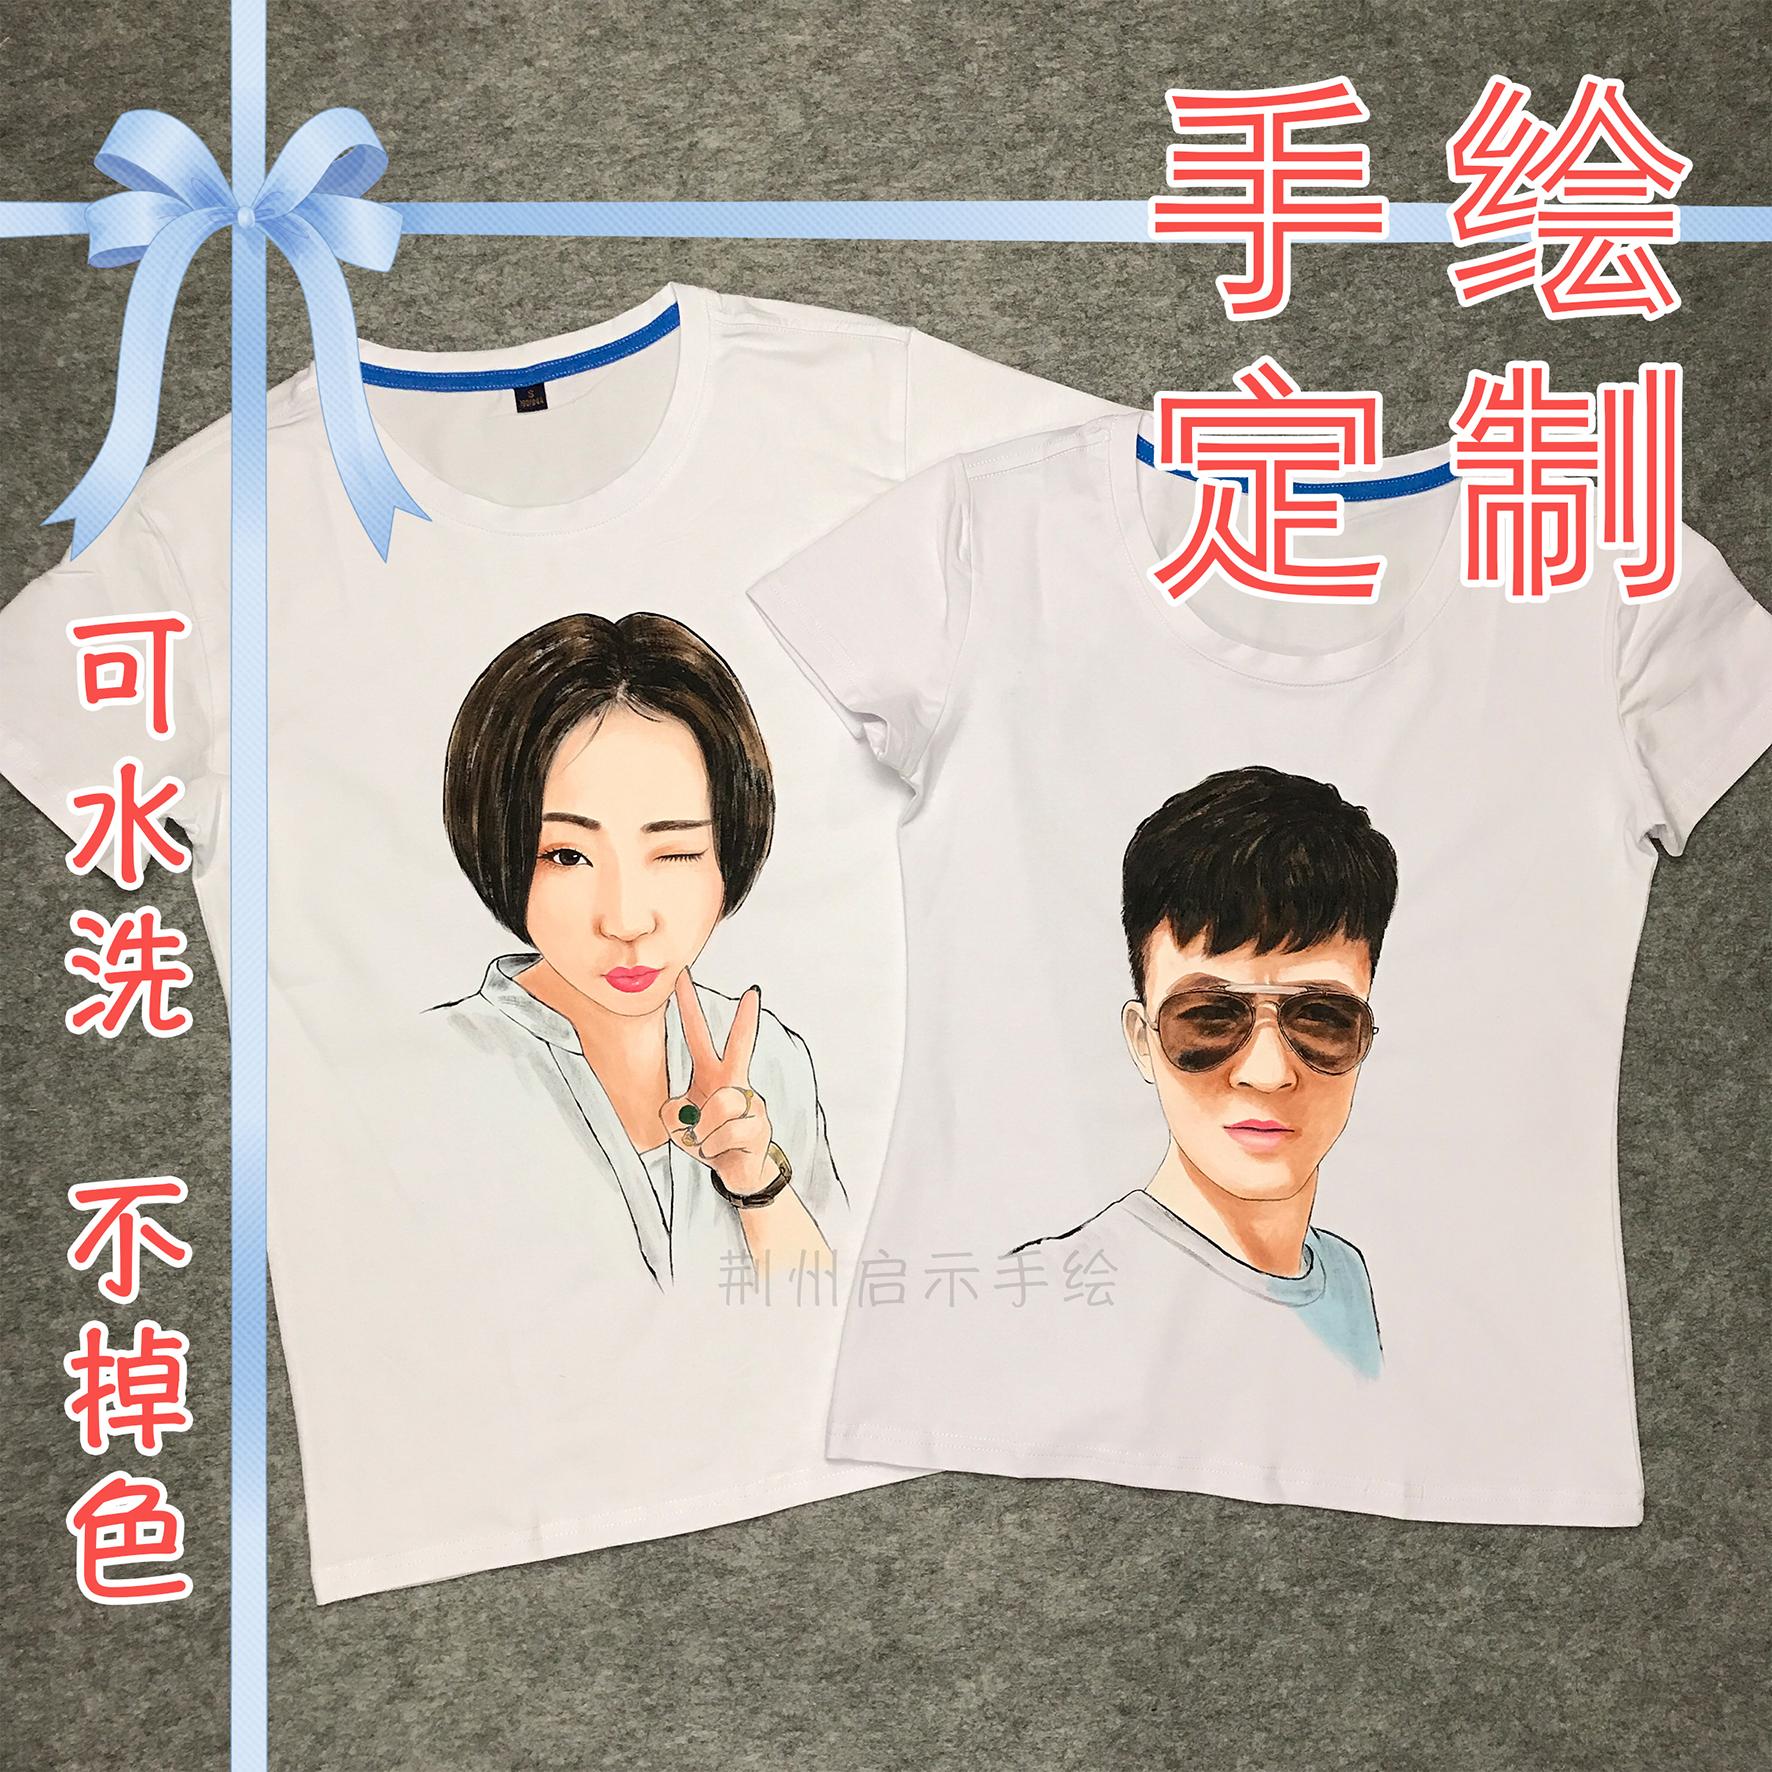 新品Tシャツオーダーメイド手描き落書き画像純綿服男女肖像画Q版カップルセット親子セットプレゼント